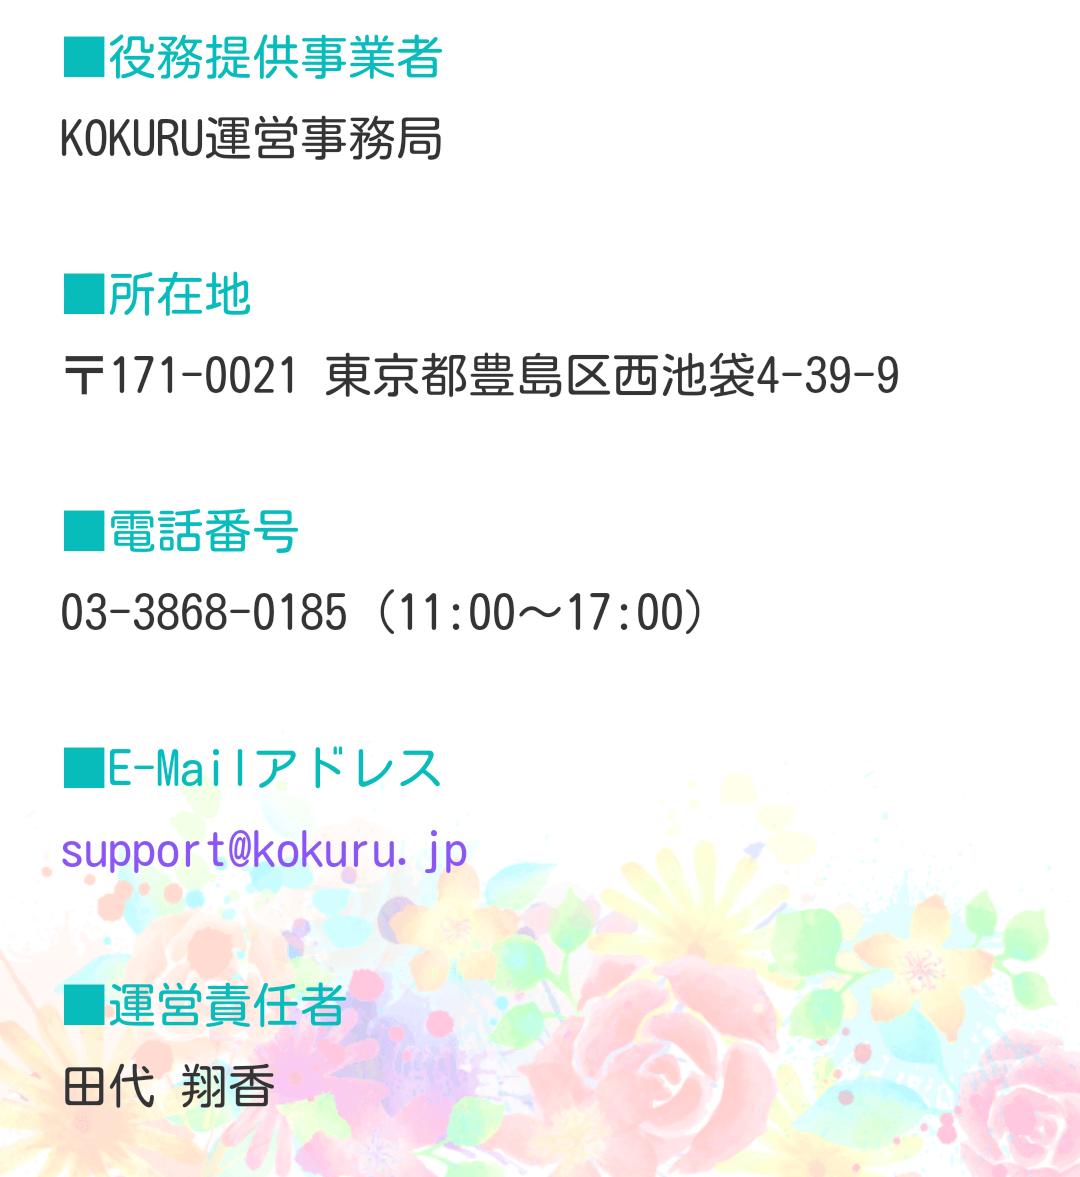 チャットアプリ『 kokuru 』あなたは誰に告白する?の運営情報